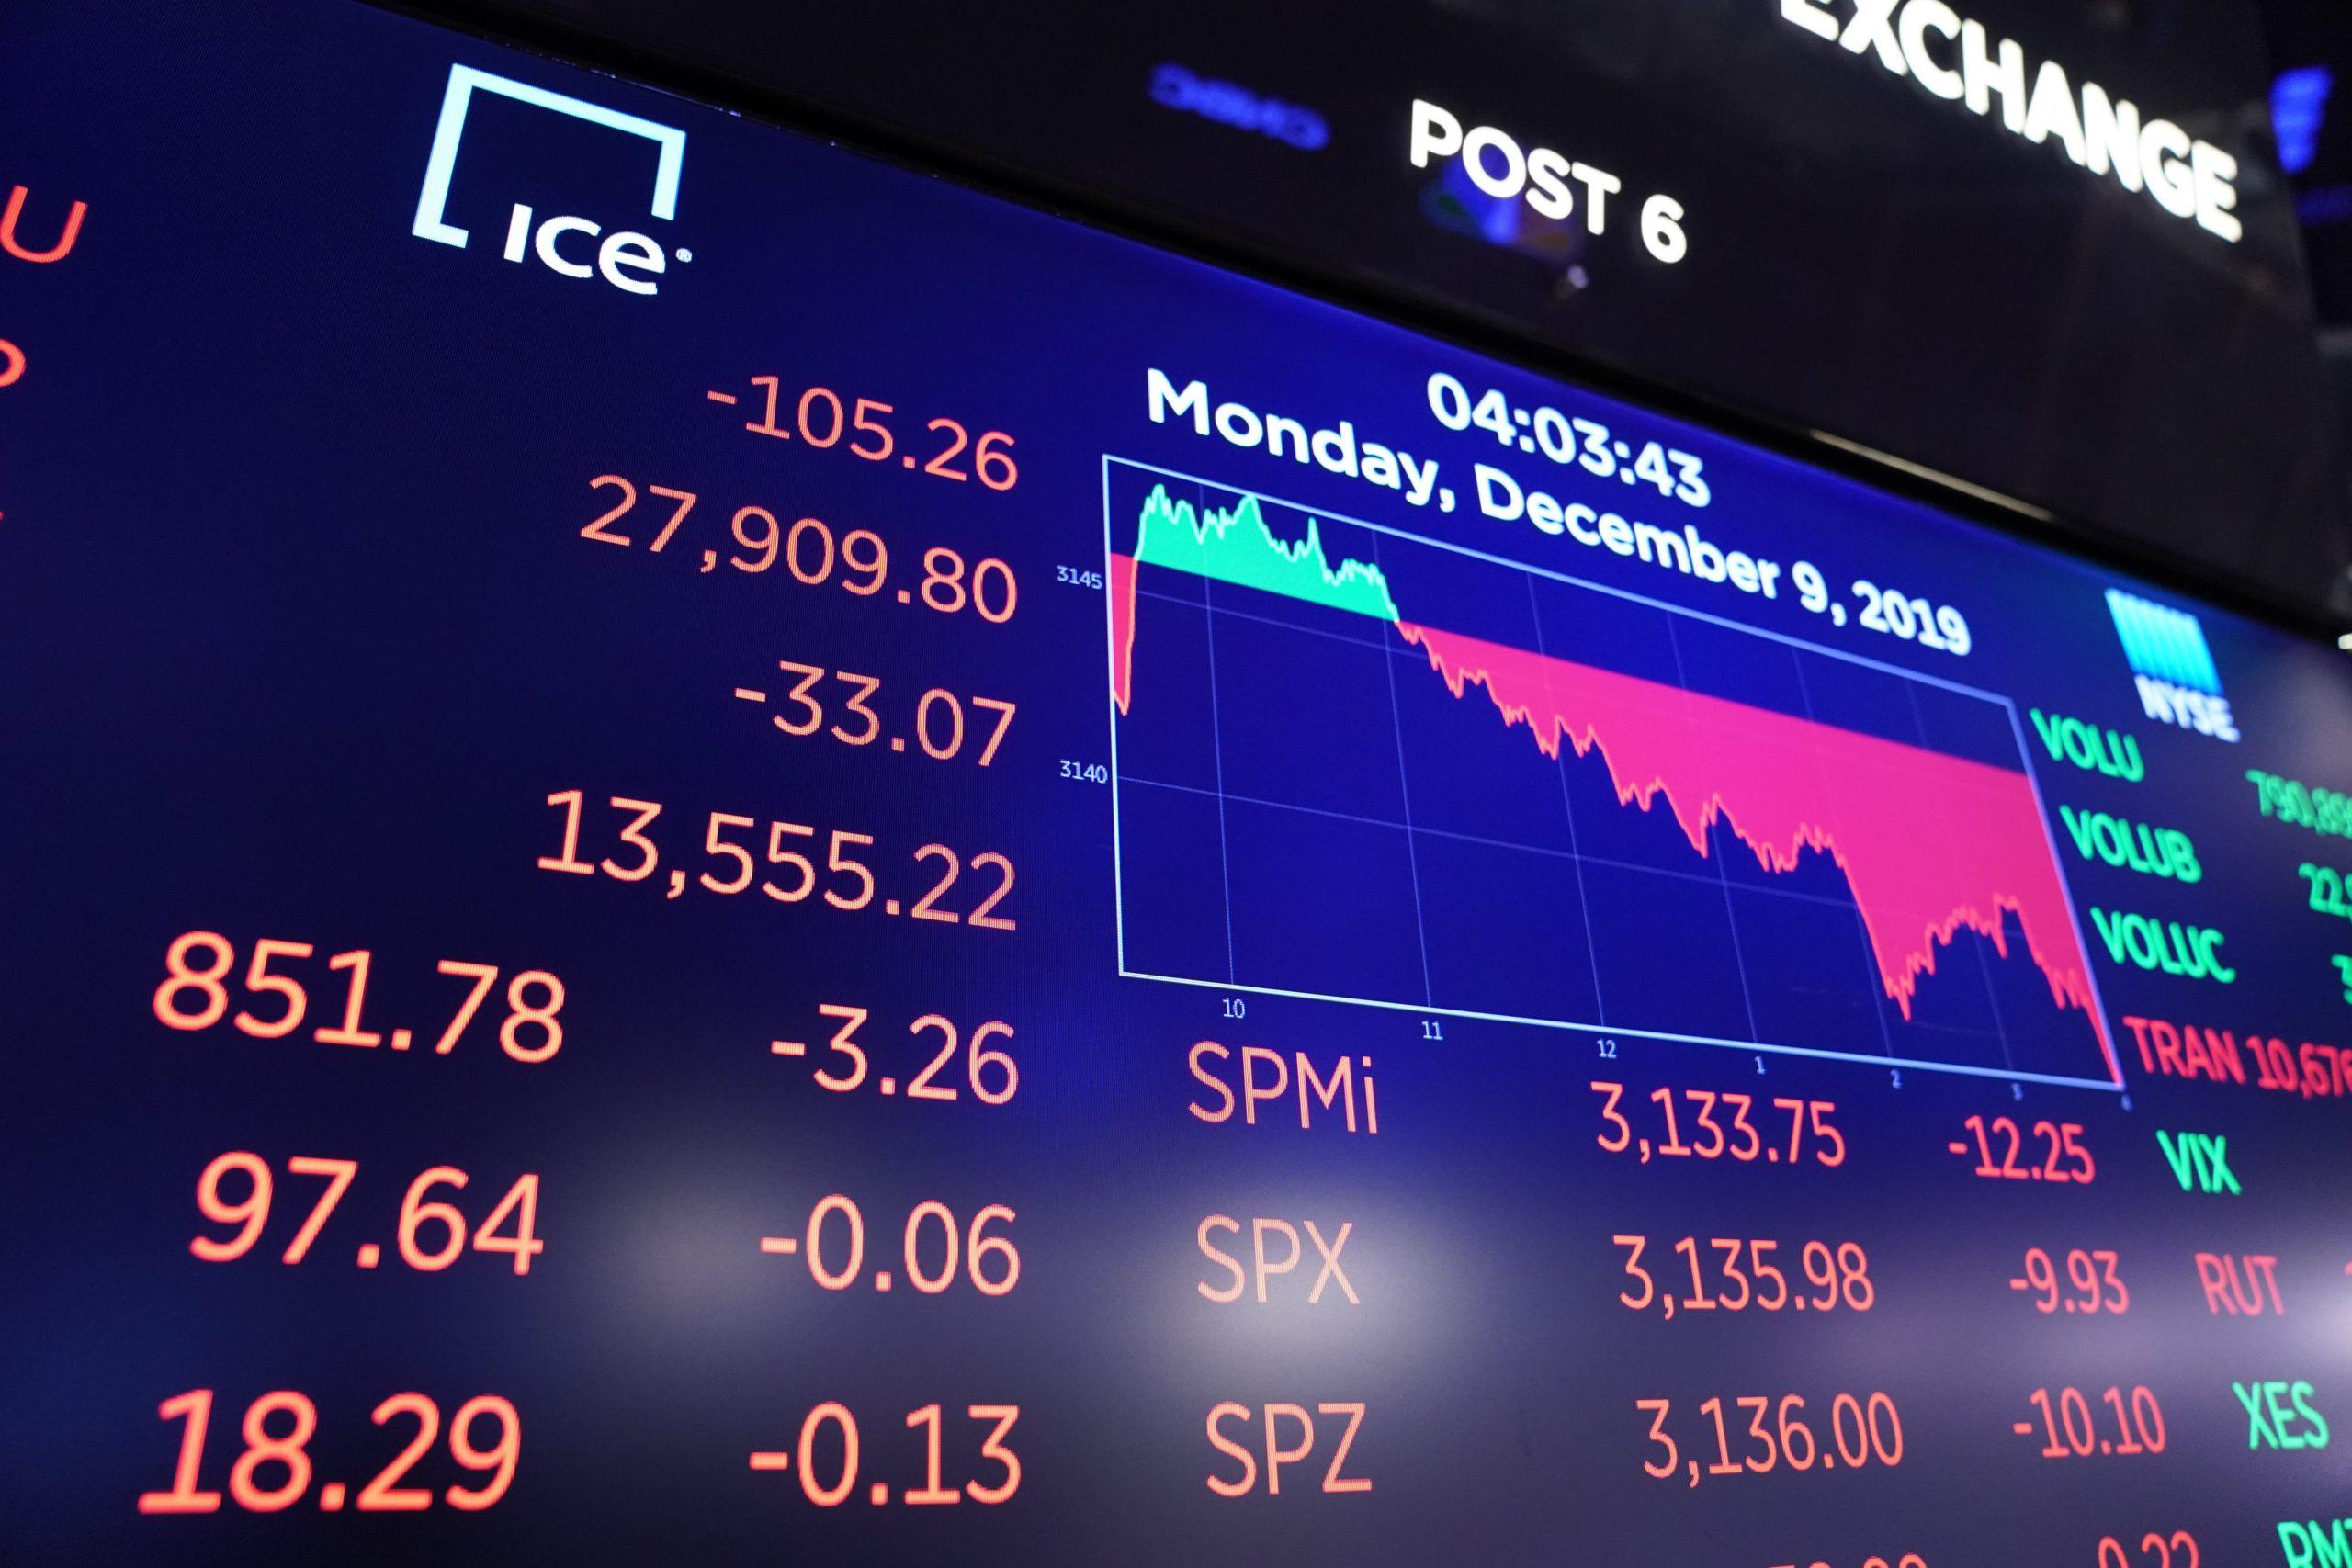 Le média économique Market Watch a établi la liste des 20 actions les plus performantes des dix dernières années sur les bourses aux États-Unis.